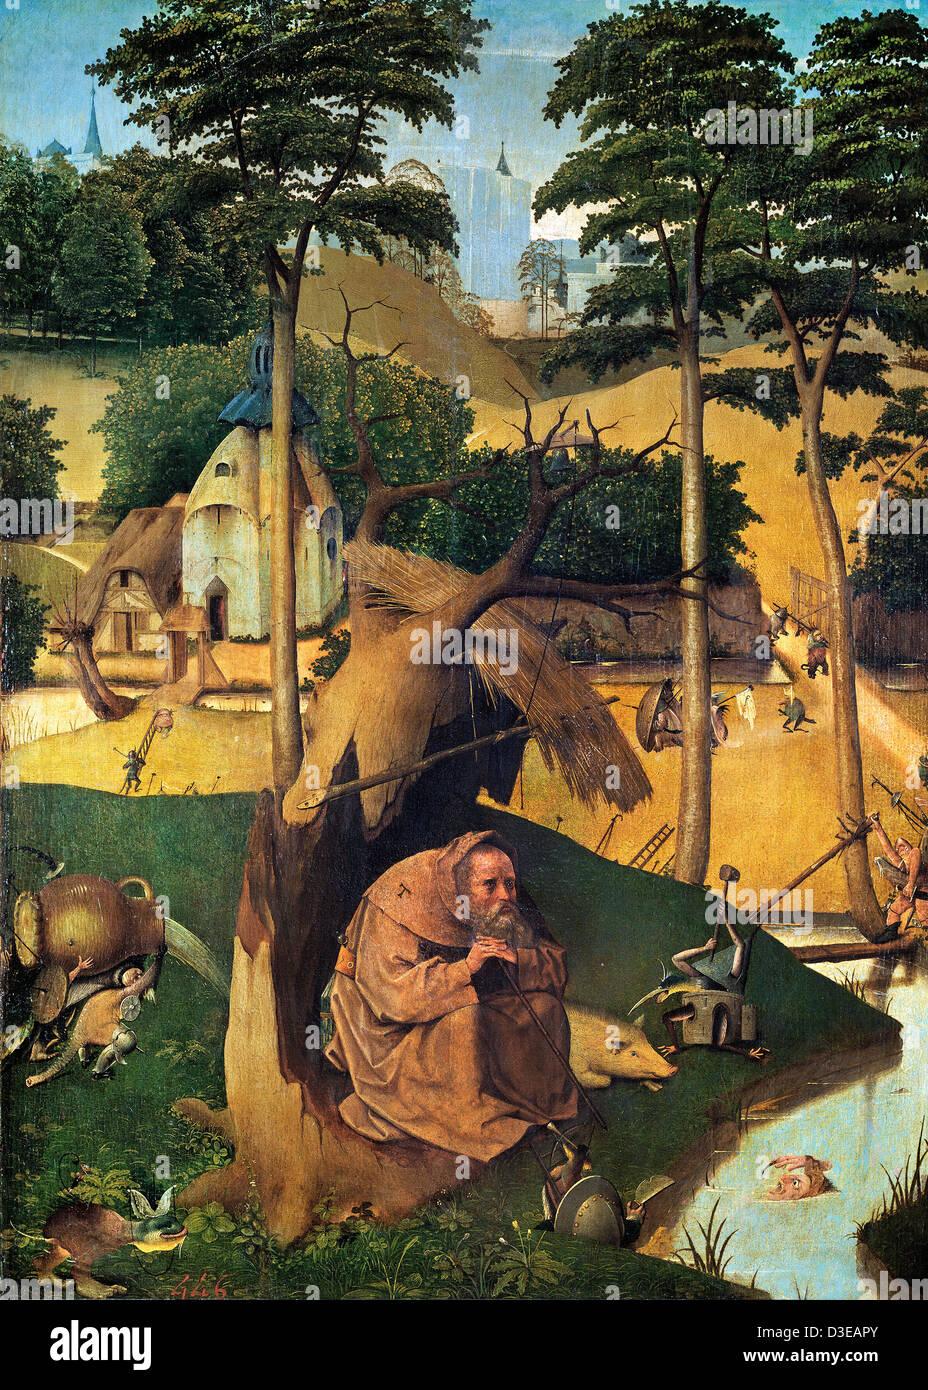 Jérôme Bosch, La Tentation de saint Antoine 1500-1525 Huile sur panneau. Museo del Prado, Madrid, Espagne Photo Stock